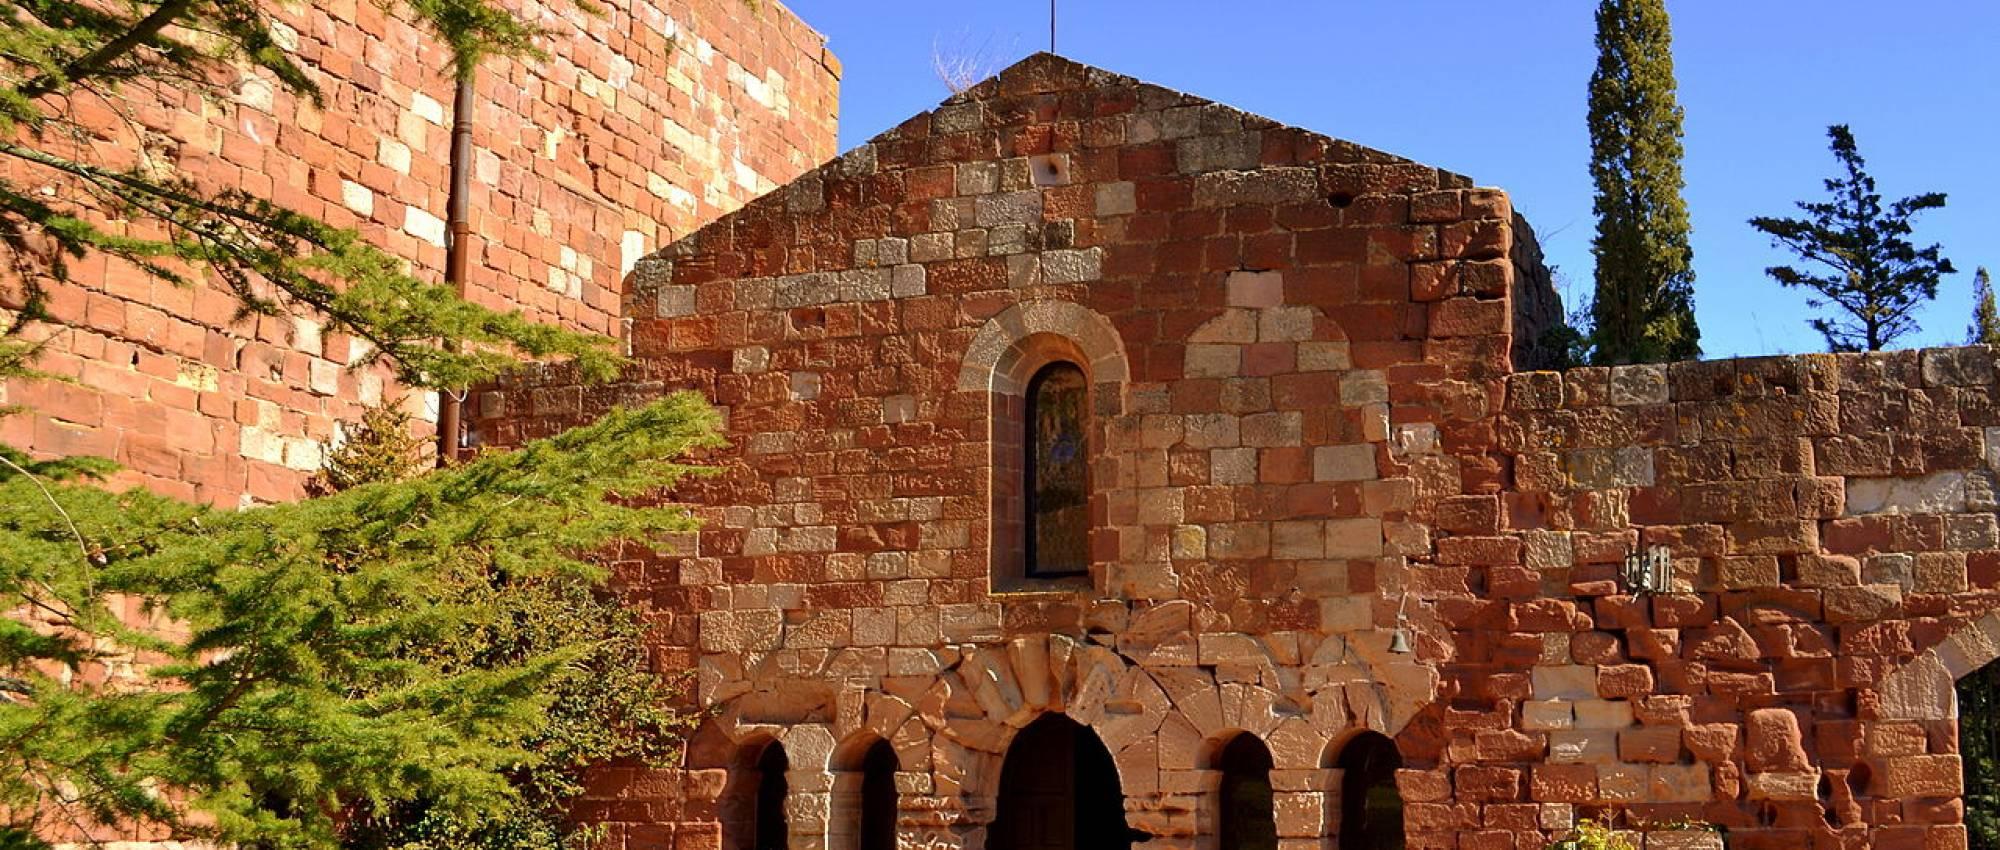 Vista del recinte del claustre del Castell Monestir d'Escornalbou. Angela Llop / Wikimedia Commons. CC BY-SA 2.0